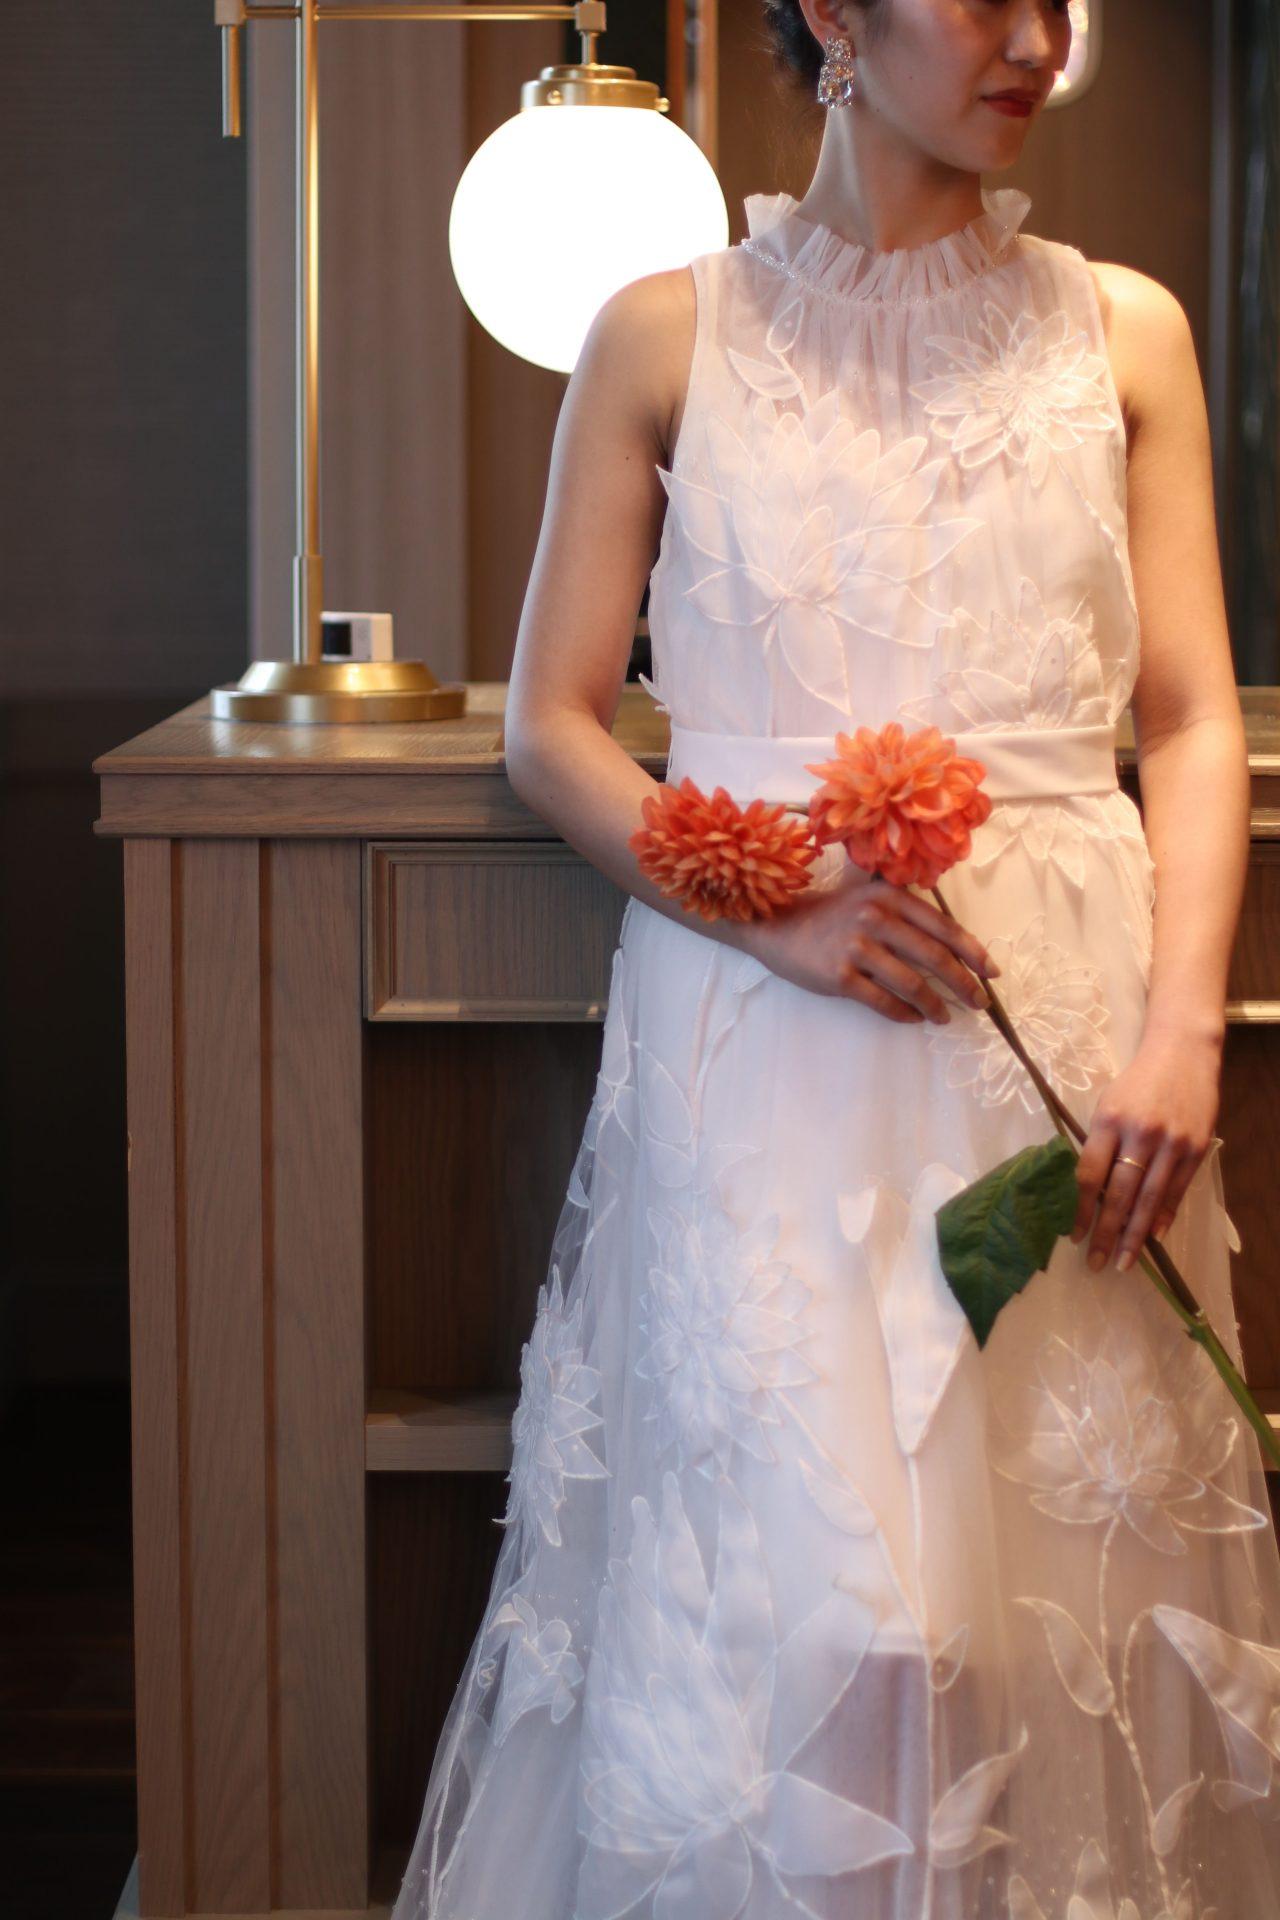 ザトリートドレッシング名古屋店で人気のヴィクターアンドロルフマリアージュのウエディングドレス